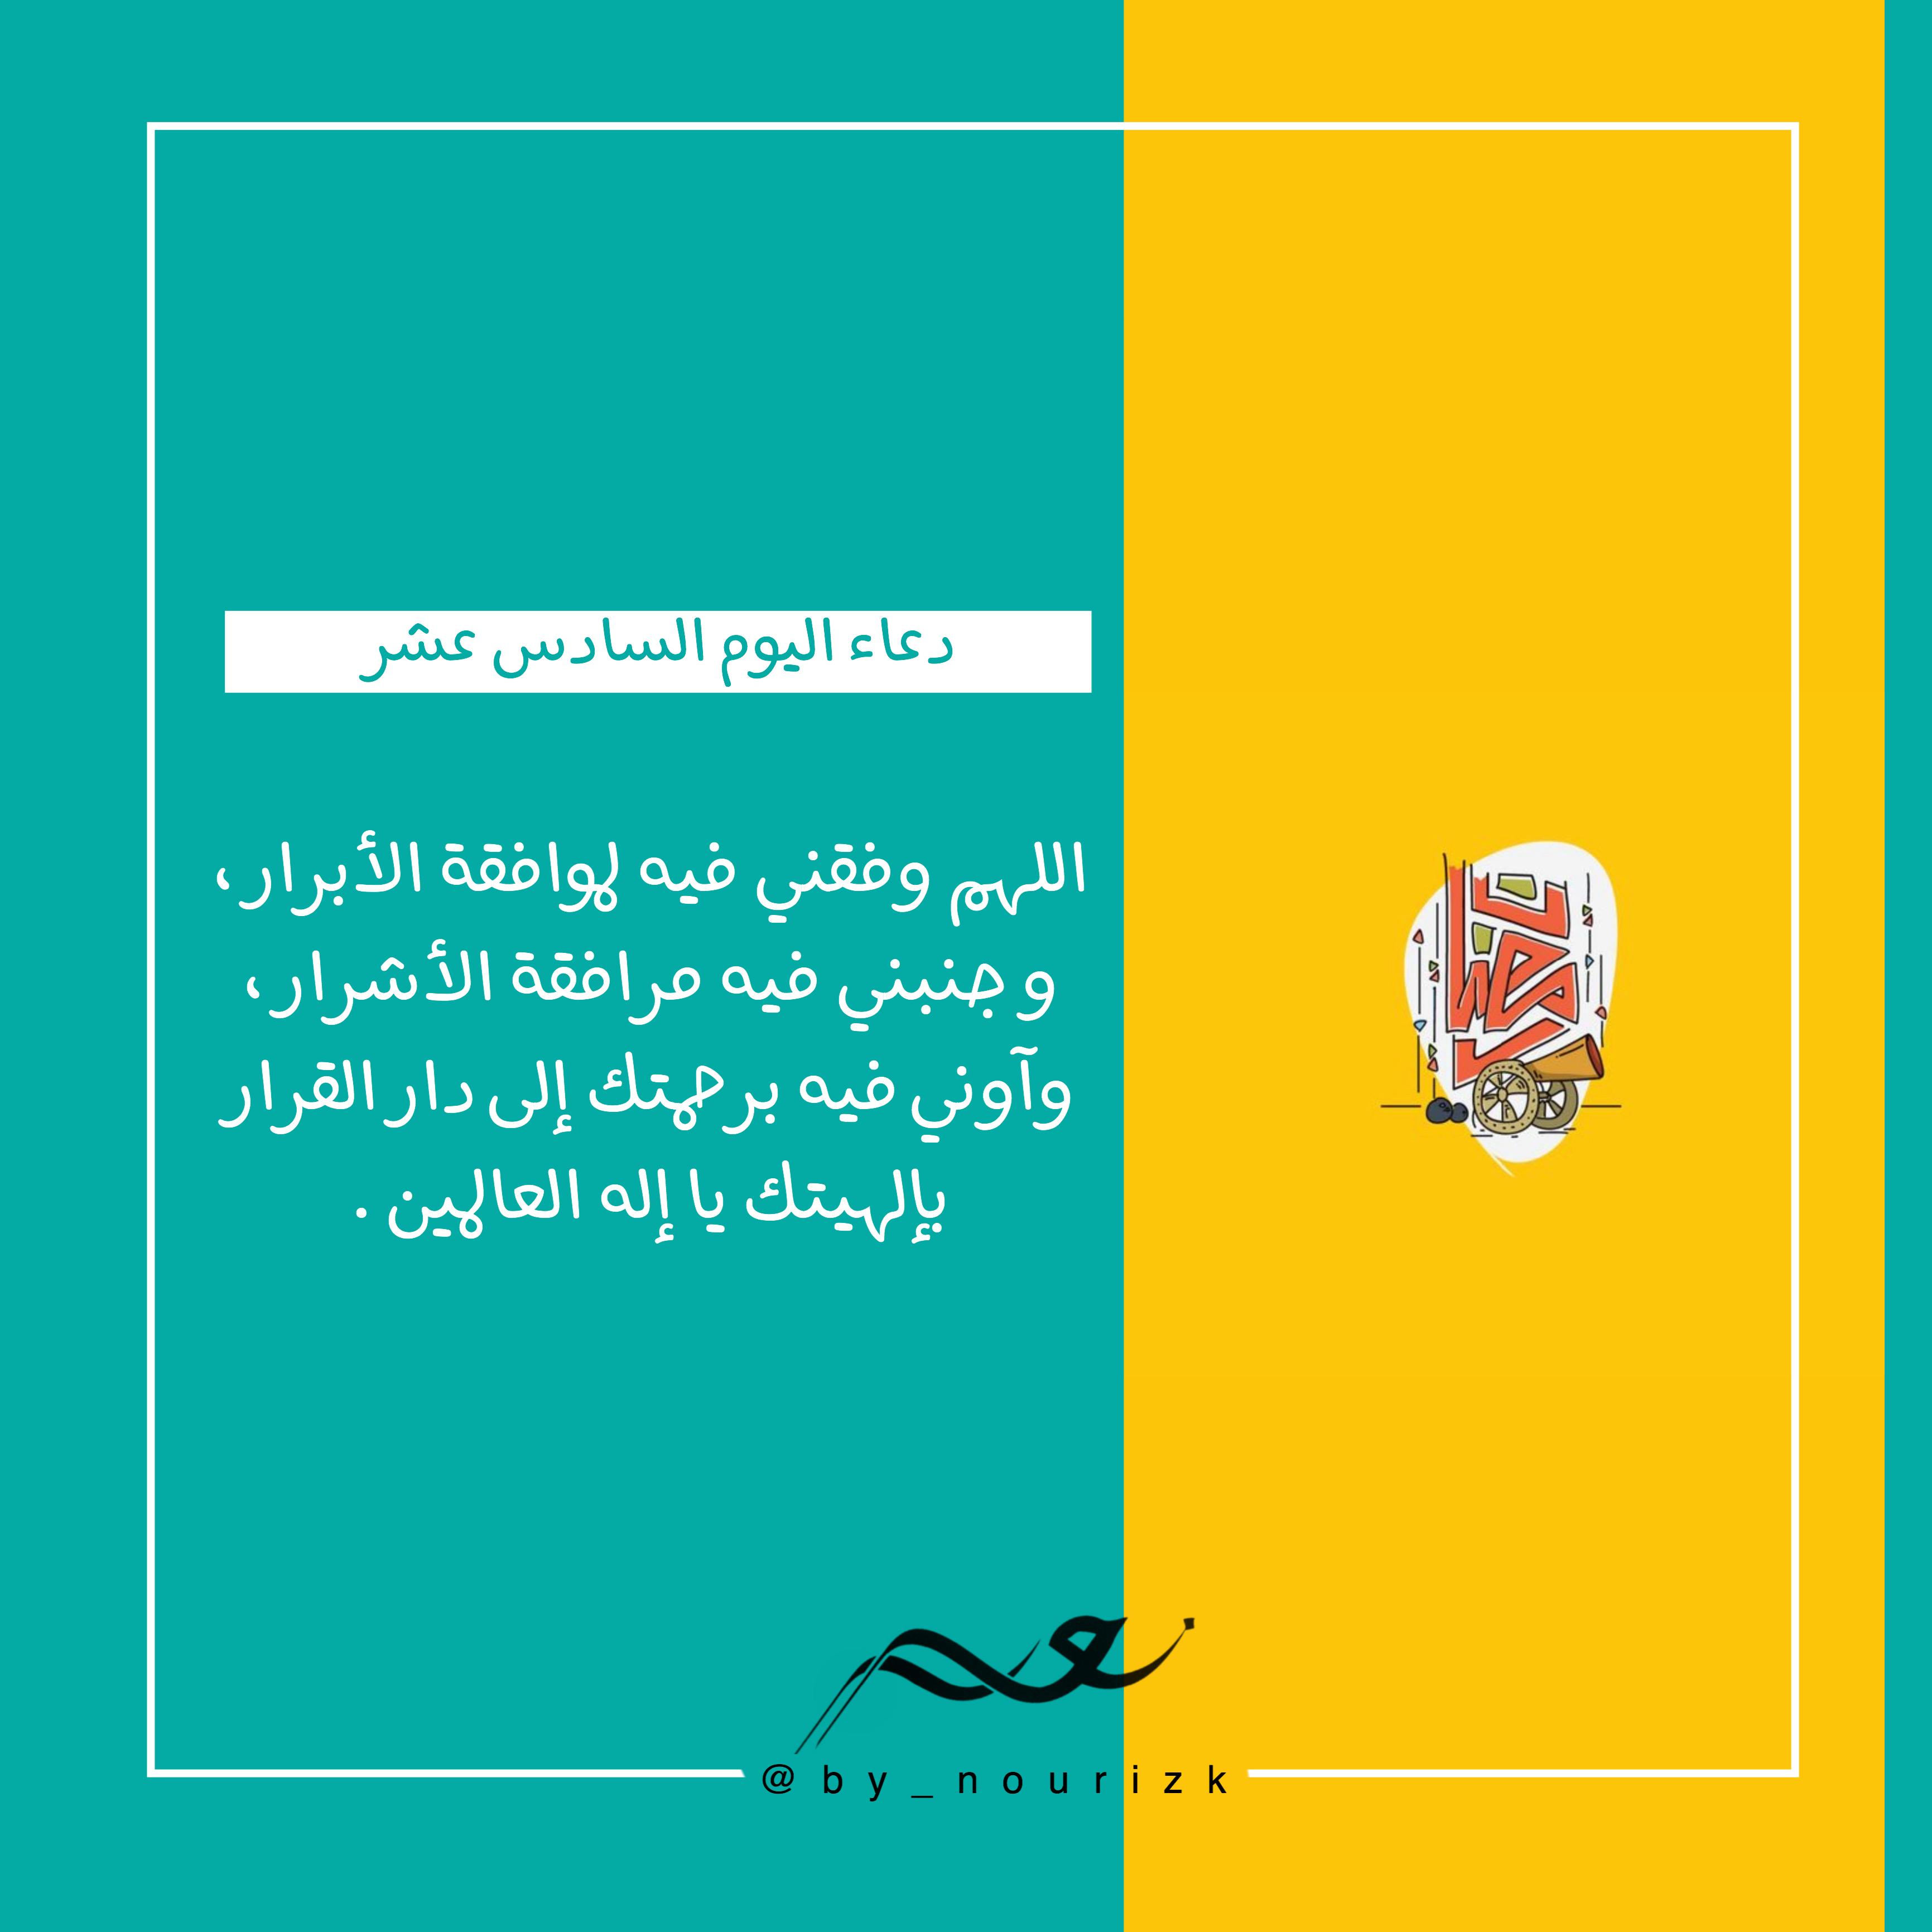 دعاء اليوم السادس عشر من شهر رمضان Islamic Quotes Quran Islamic Quotes Ramadan